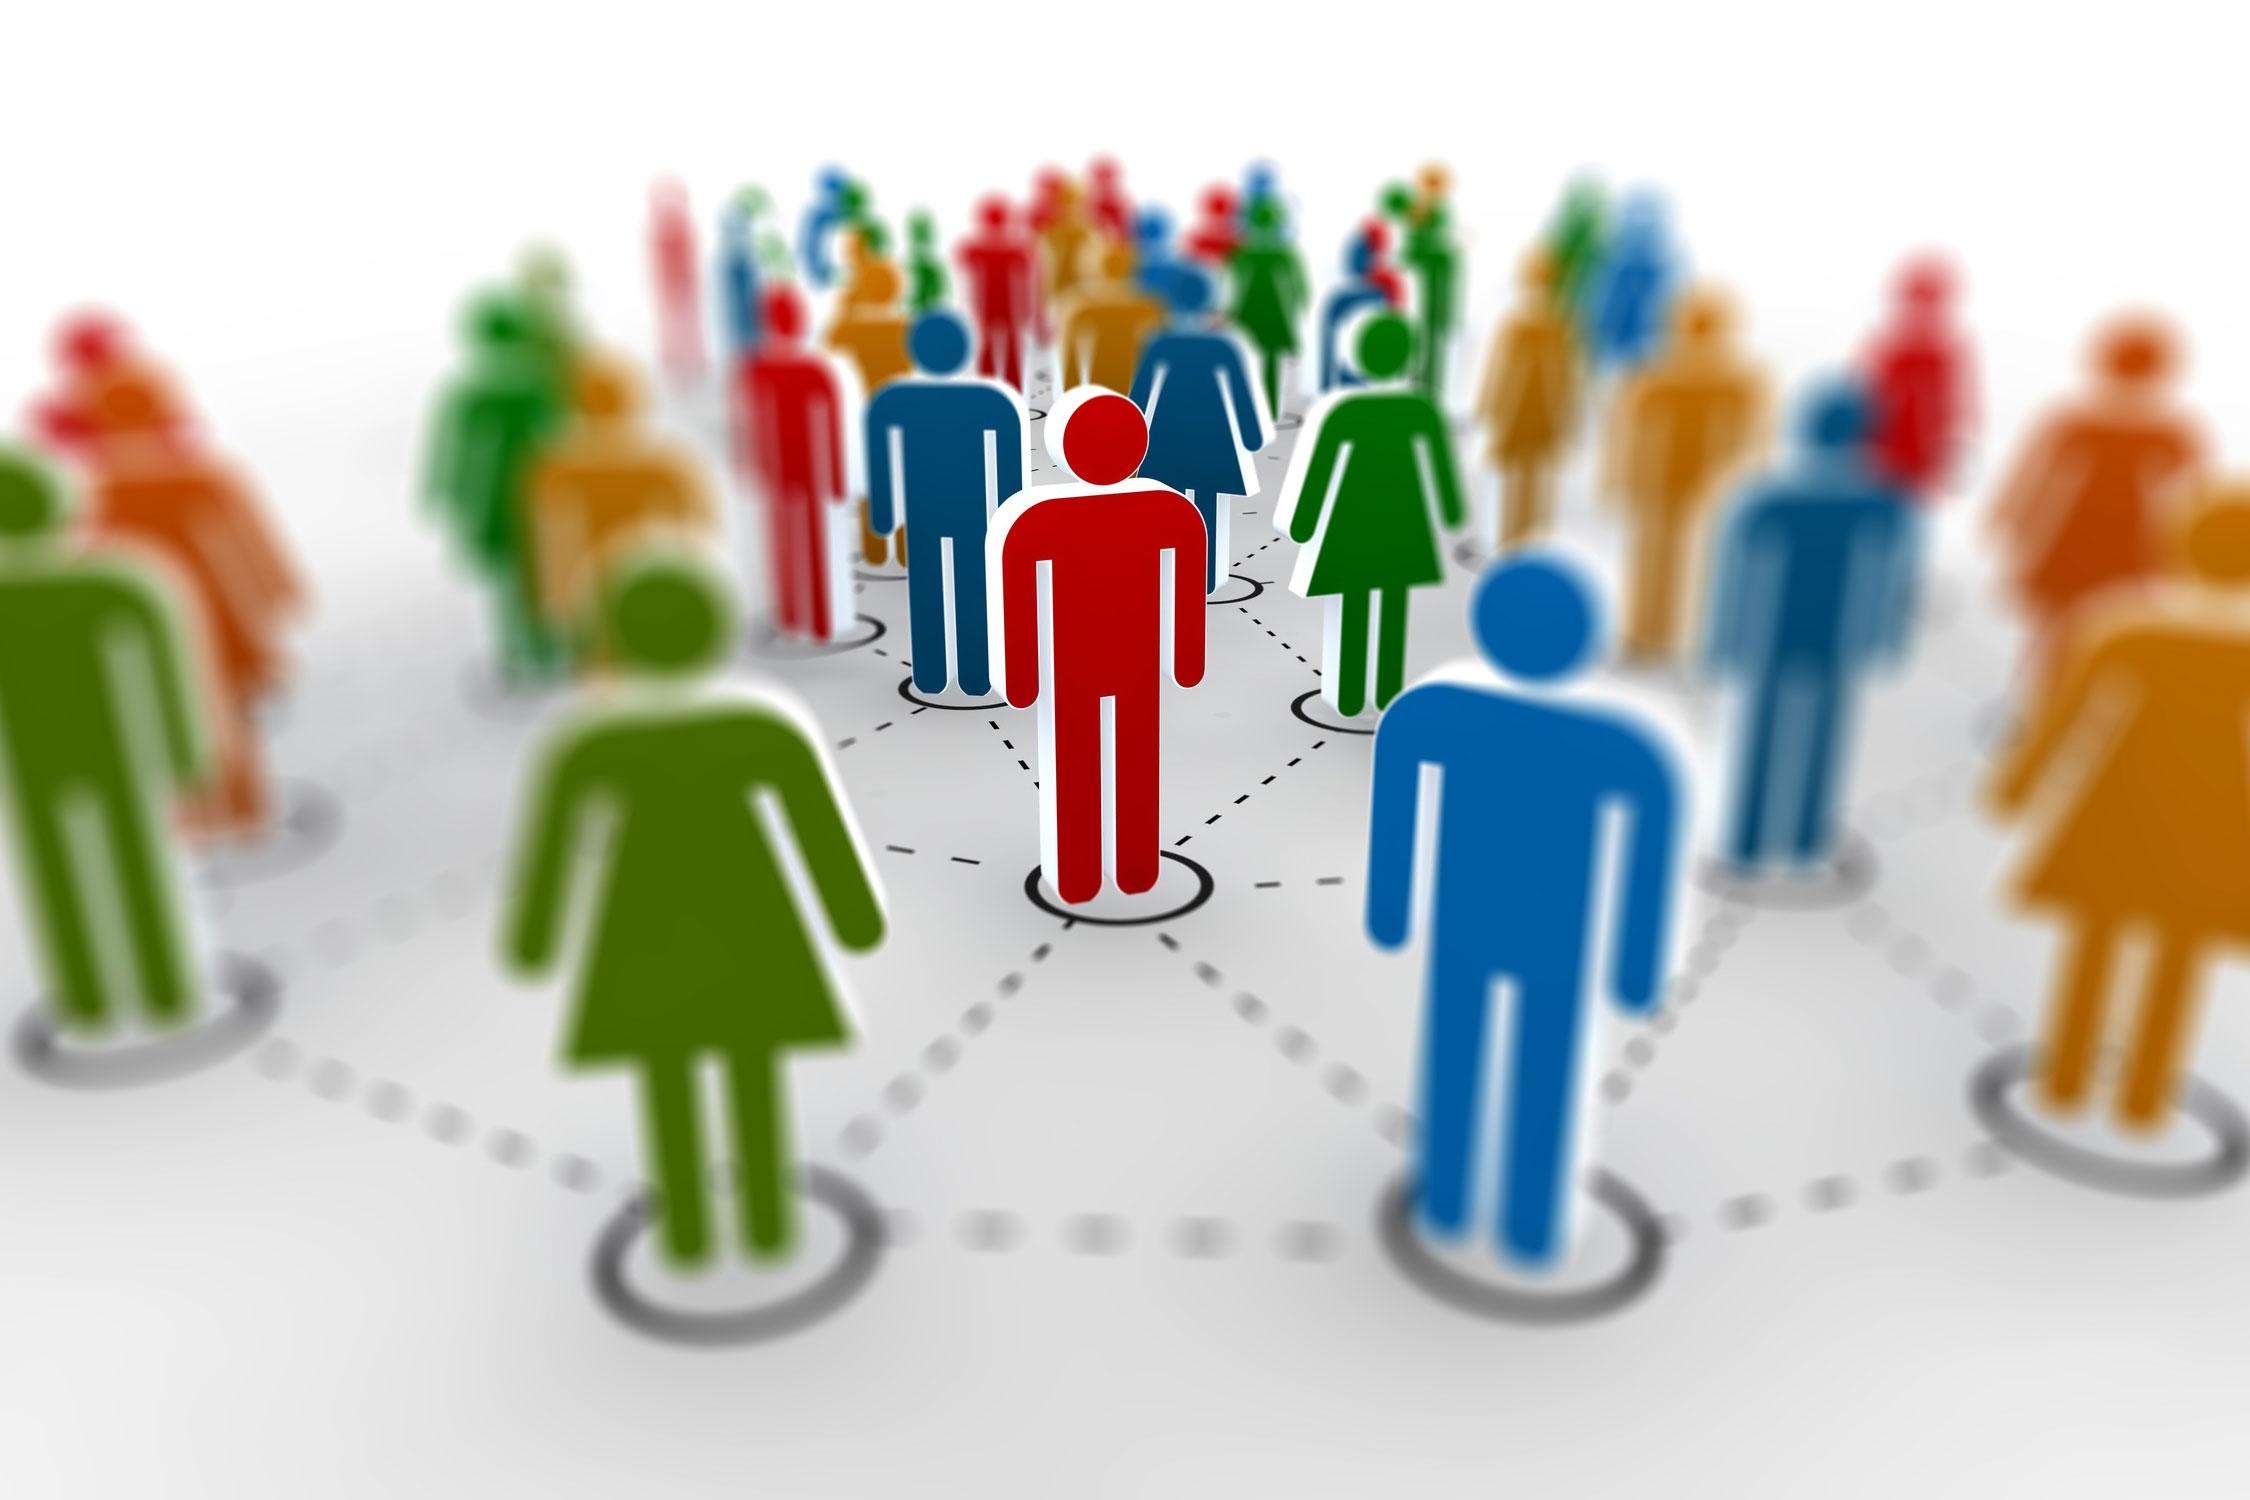 Pasos para establecer una nueva empresa: Factor humano, el más importante